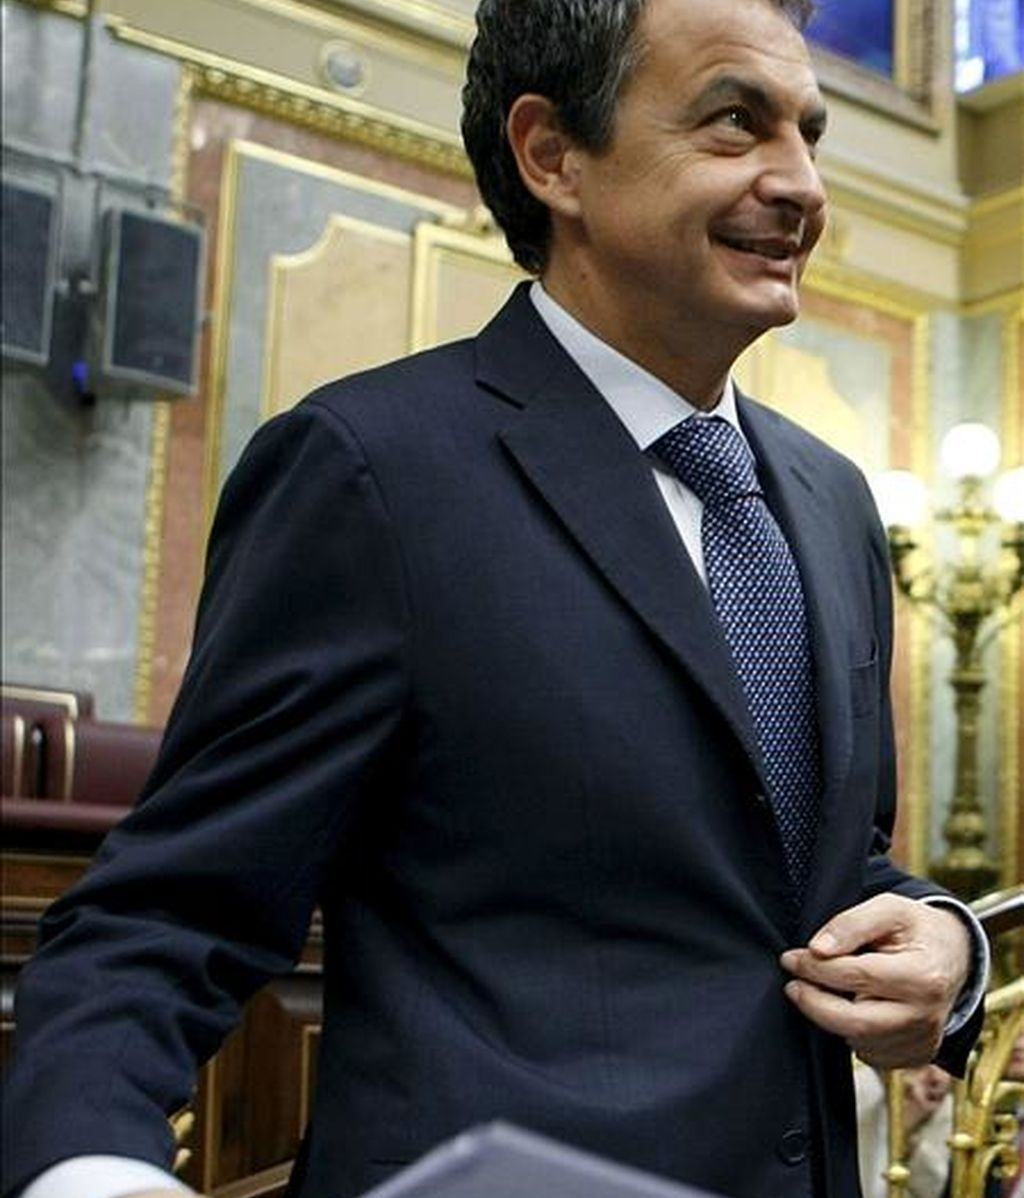 El presidente del Gobierno, José Luis Rodríguez Zapatero. EFE/Archivo